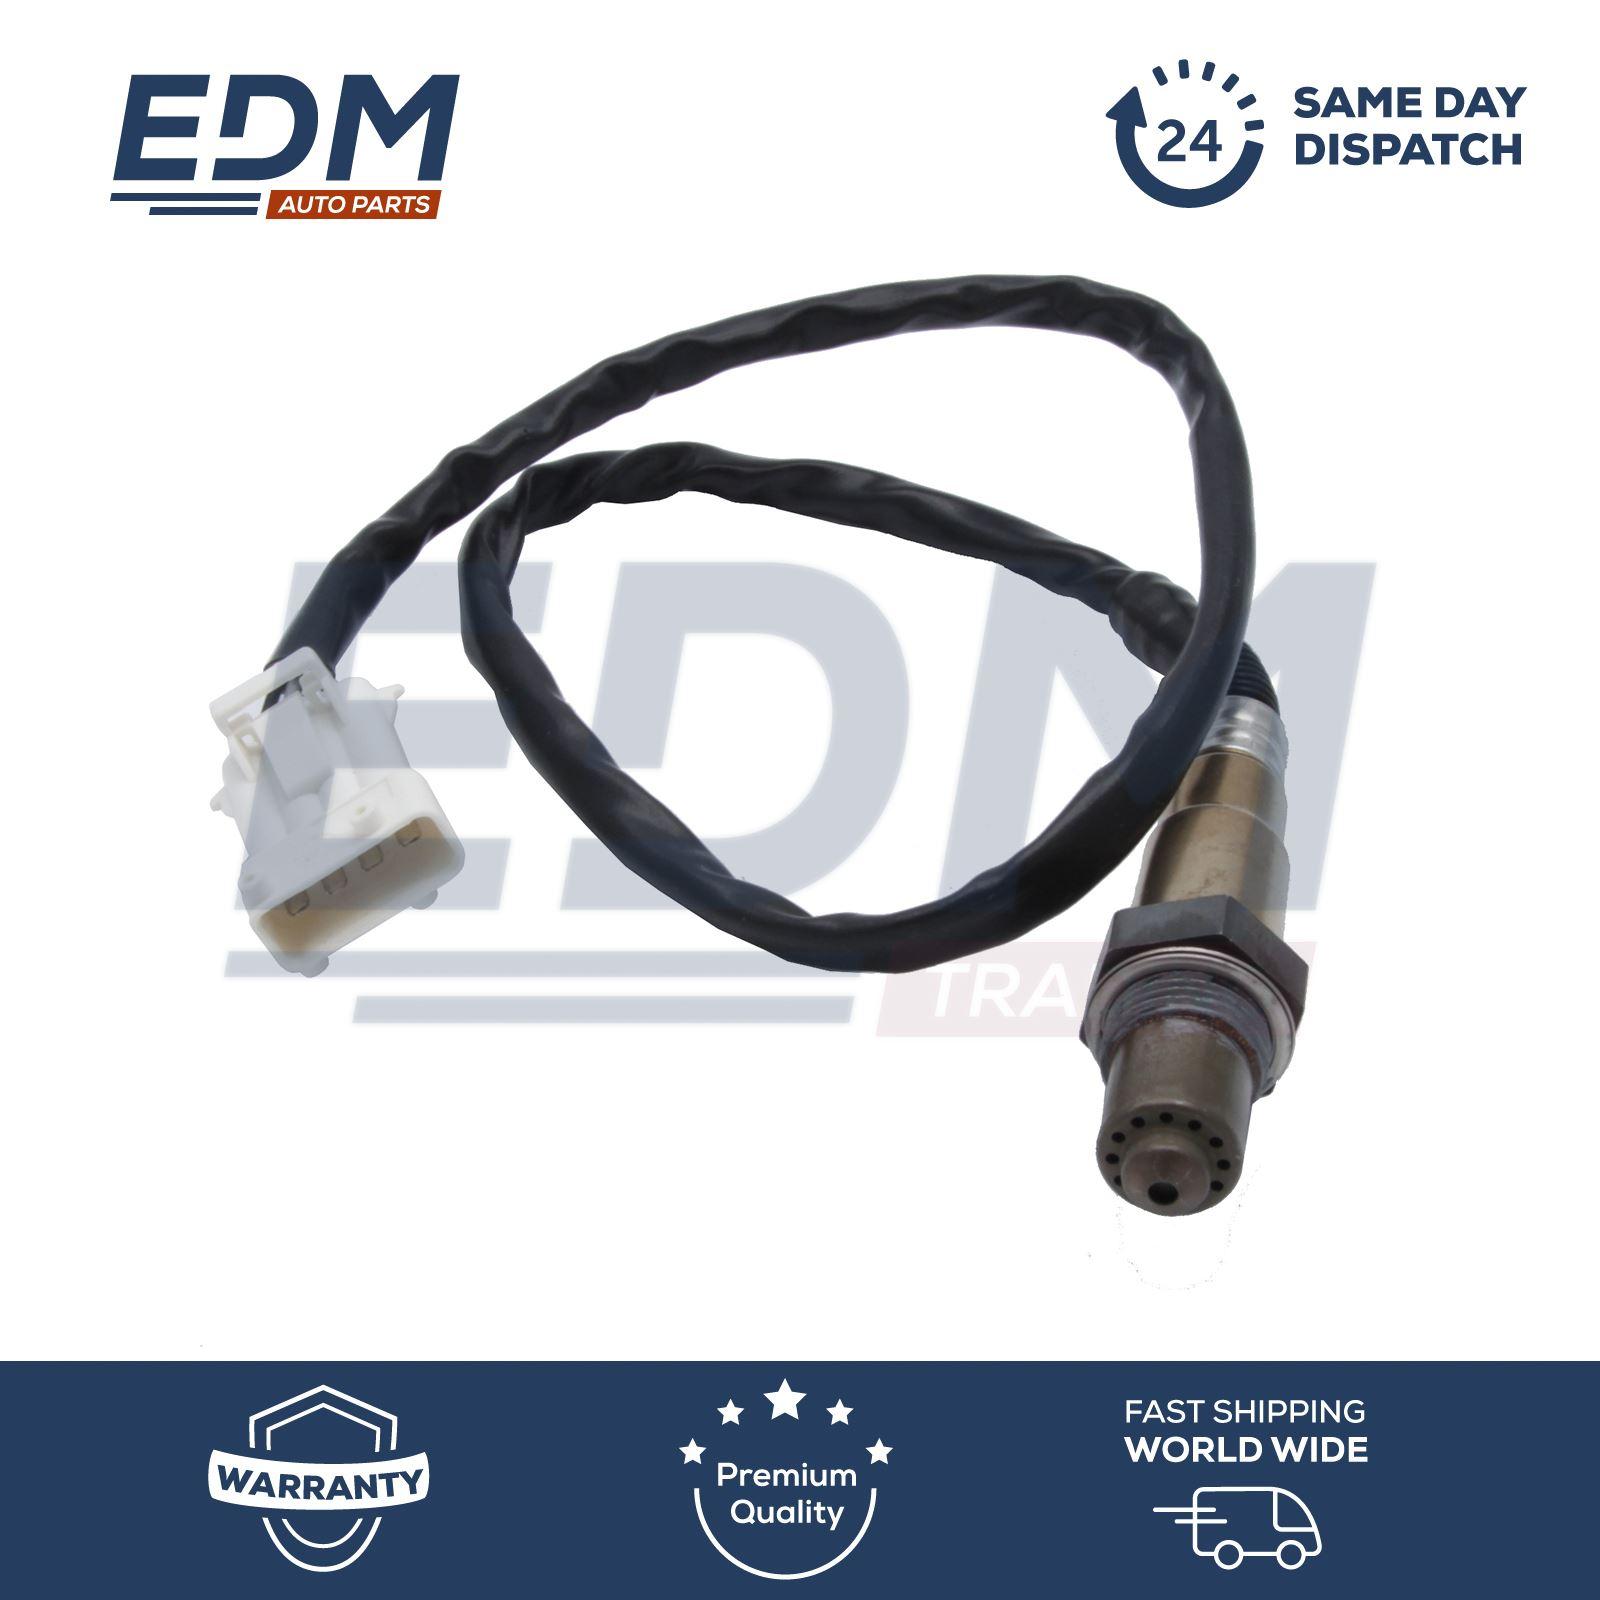 Lambda Oxygen O2 Sensor for Mini R50 R53 R55 R56 R57 R58 R59 R60 11787548961 New